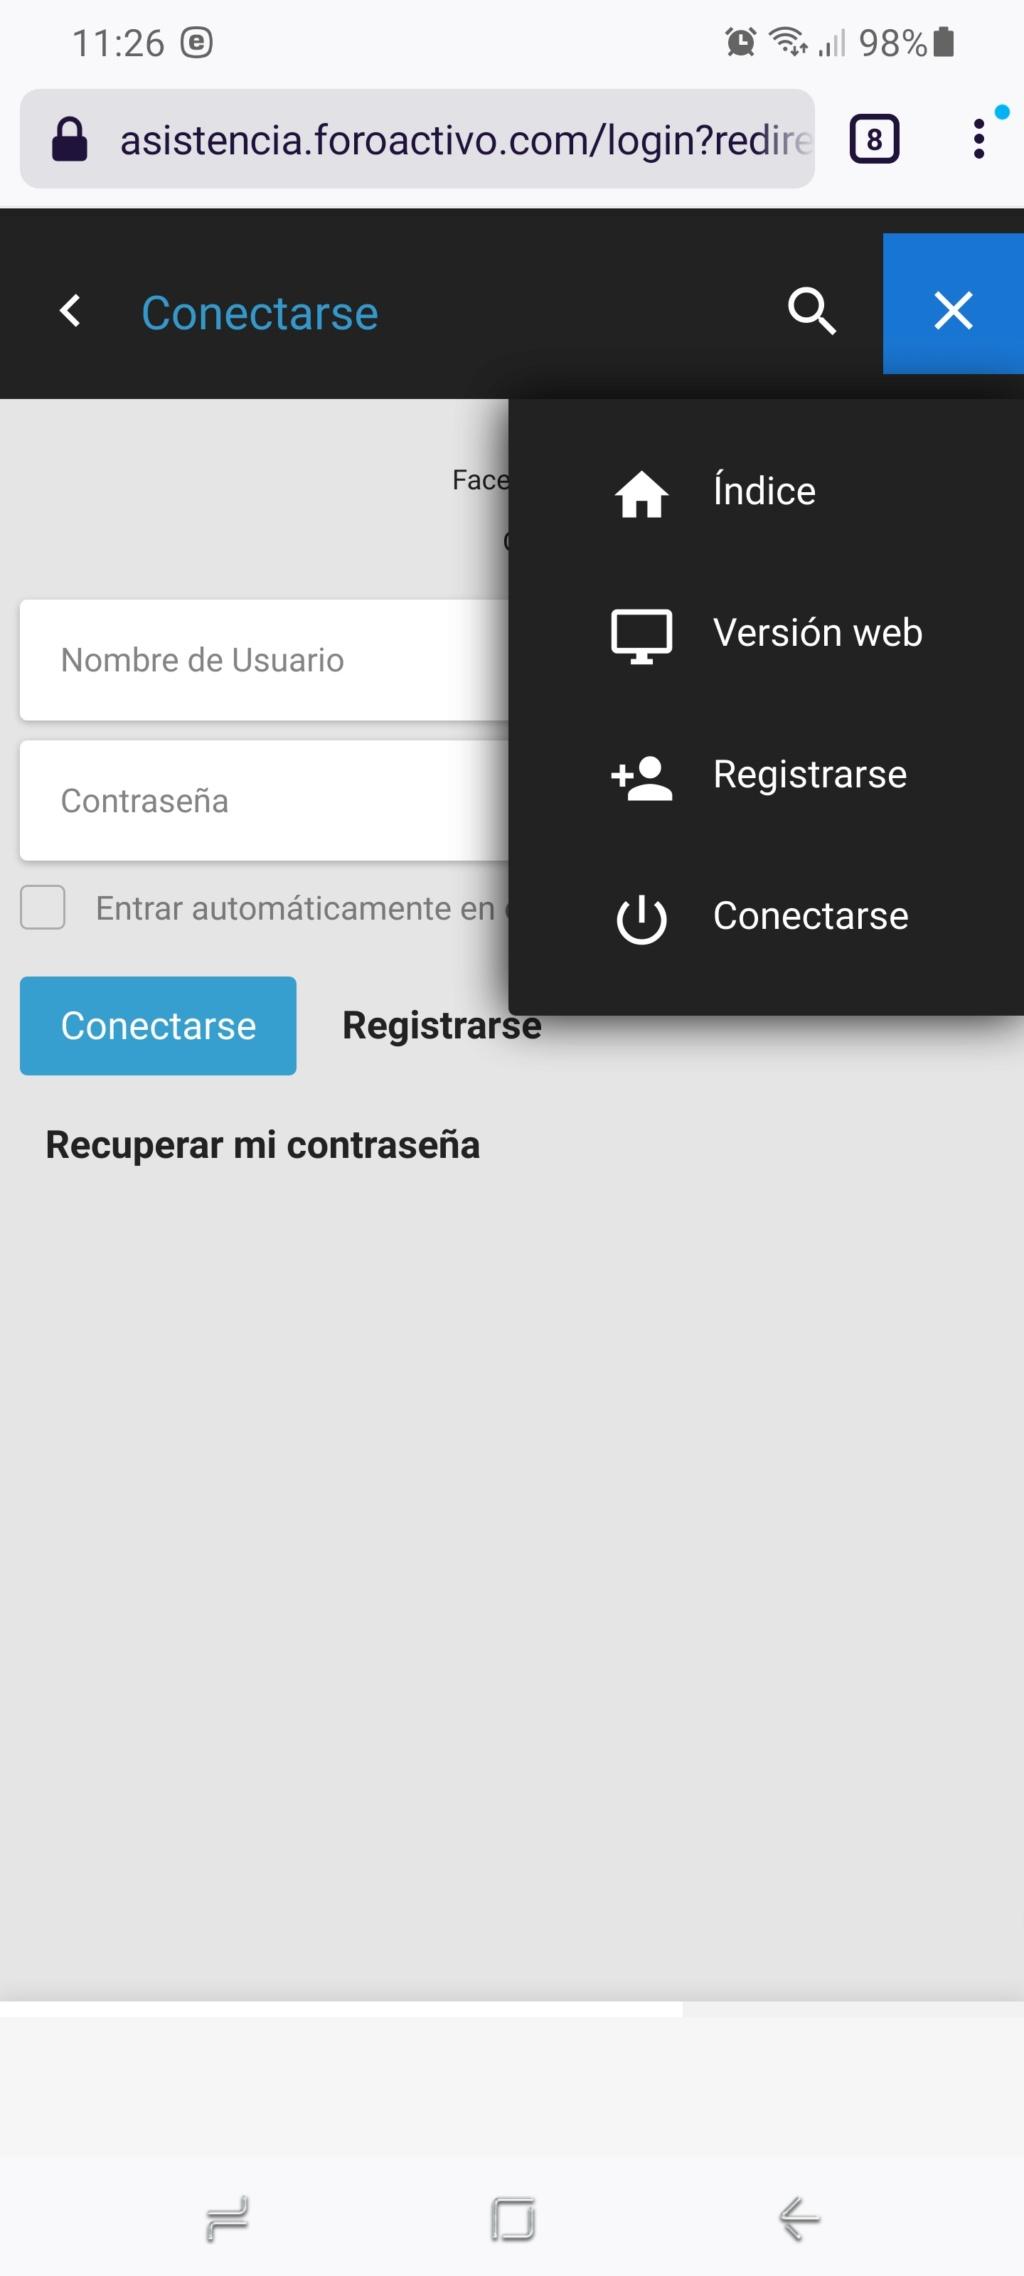 Versión móvil ocupa casi toda la pantalla en IPhone 4 Scree144